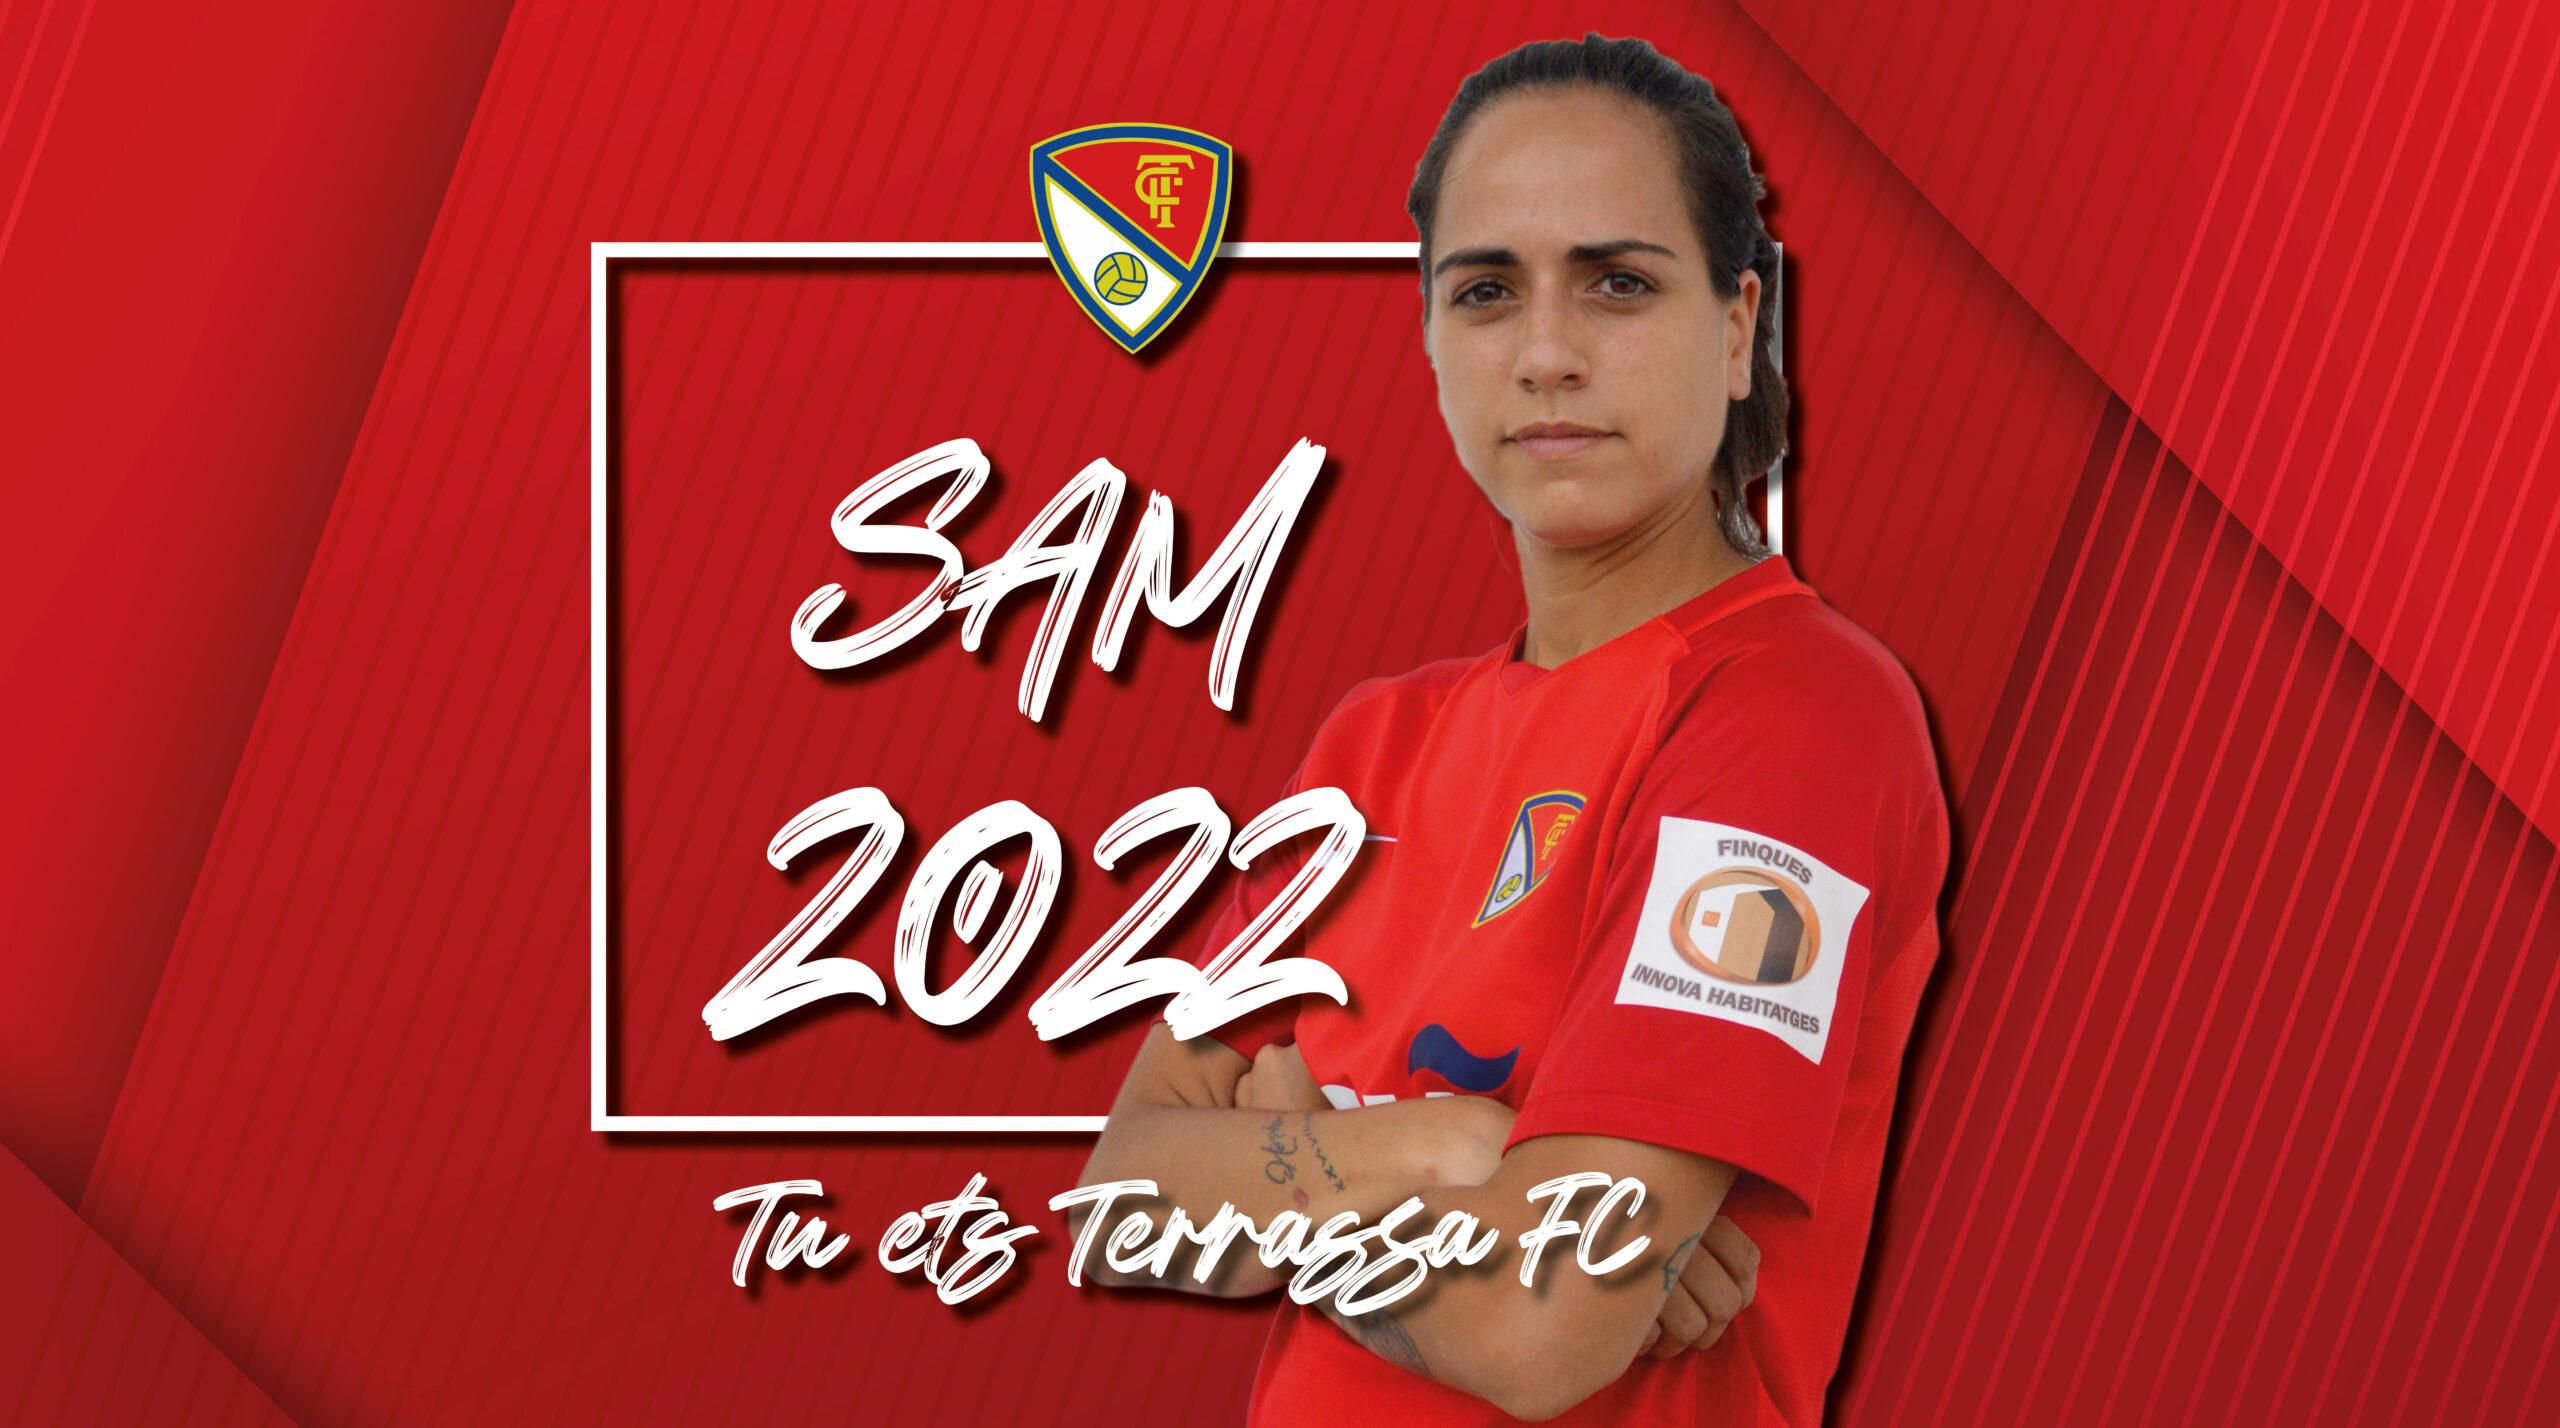 Samantha Lozano Cárdenas